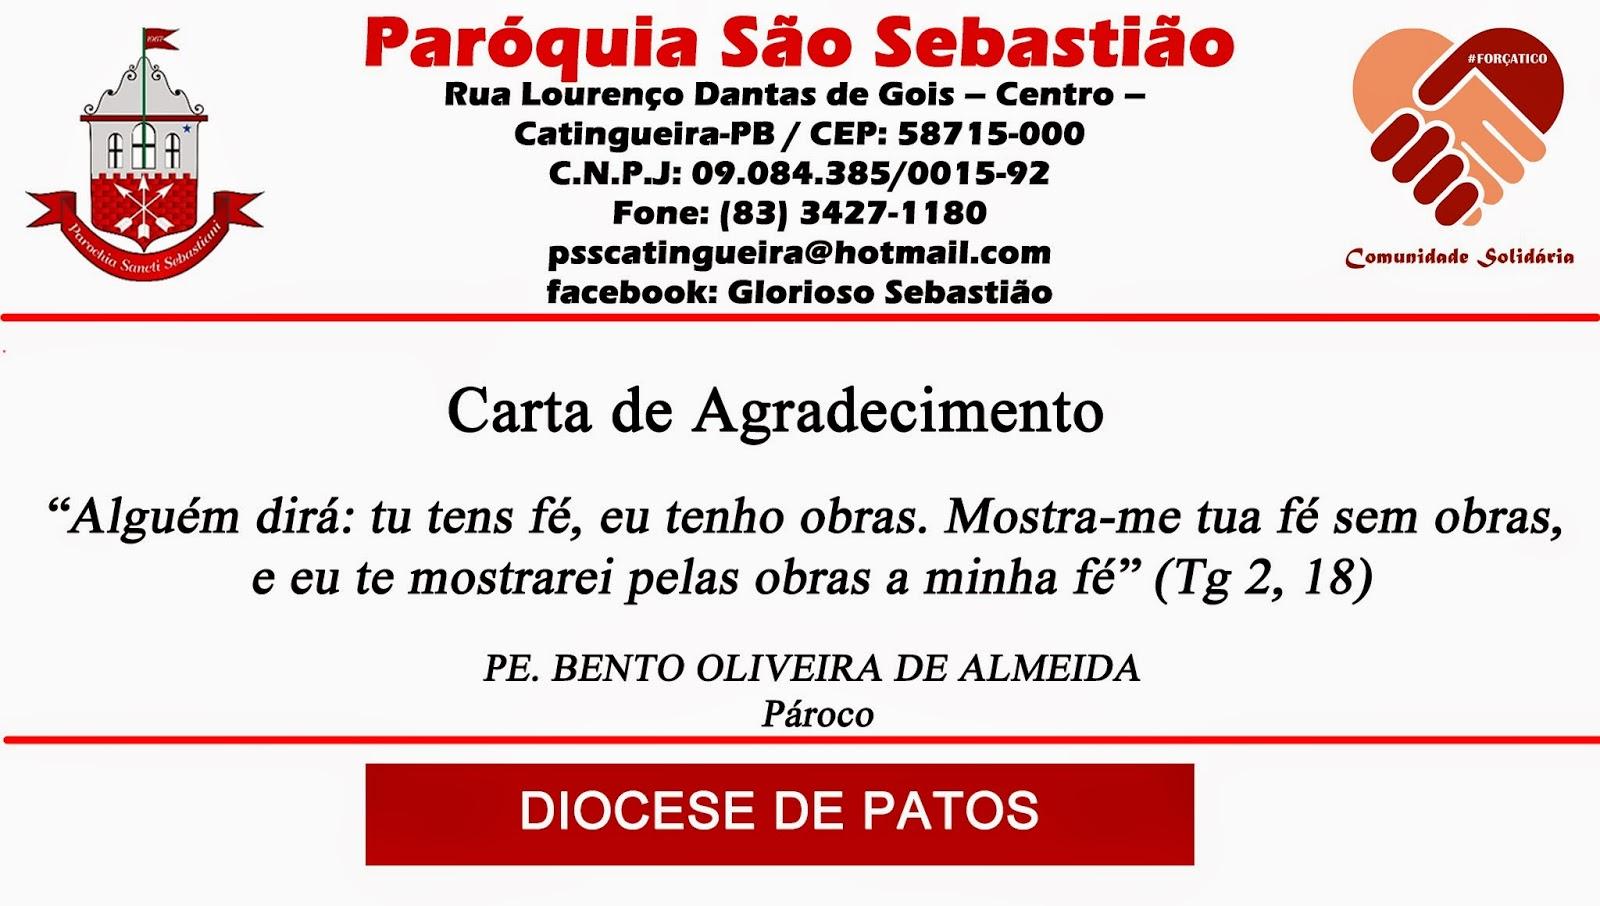 Excepcional CARTA DE AGRADECIMENTO: Paróquia São Sebastião e Familiares de  SN72